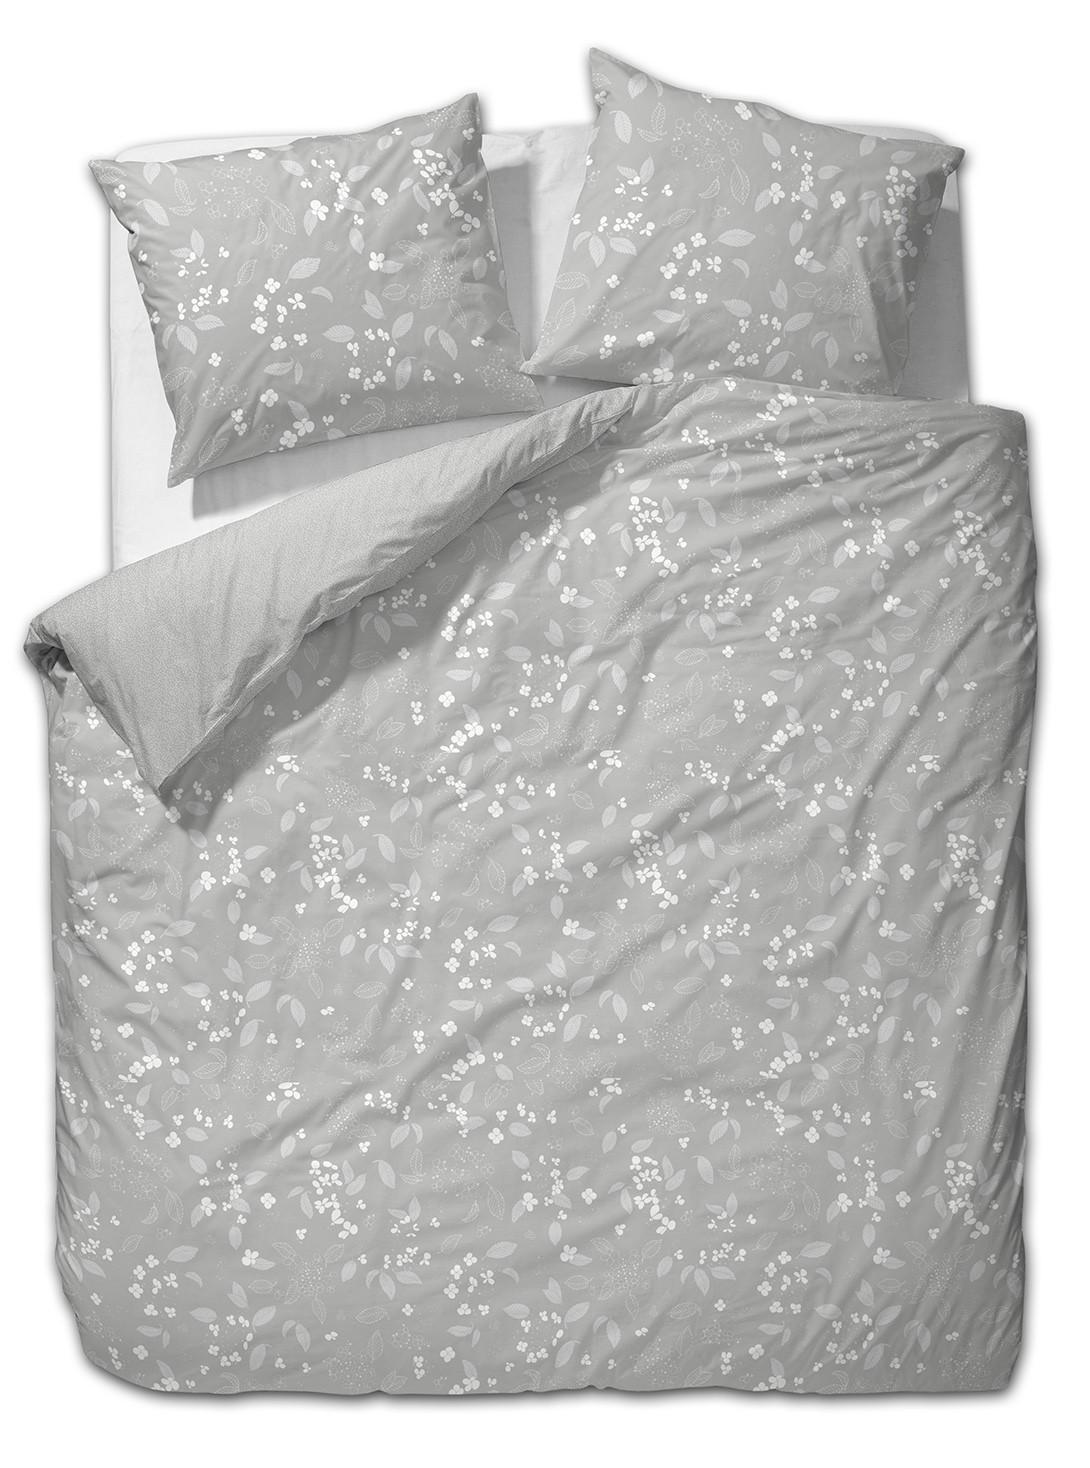 Κουβερλί Μονό Vesta Living Julia 2 home   κρεβατοκάμαρα   κουβερλί   κουβερλί μονά